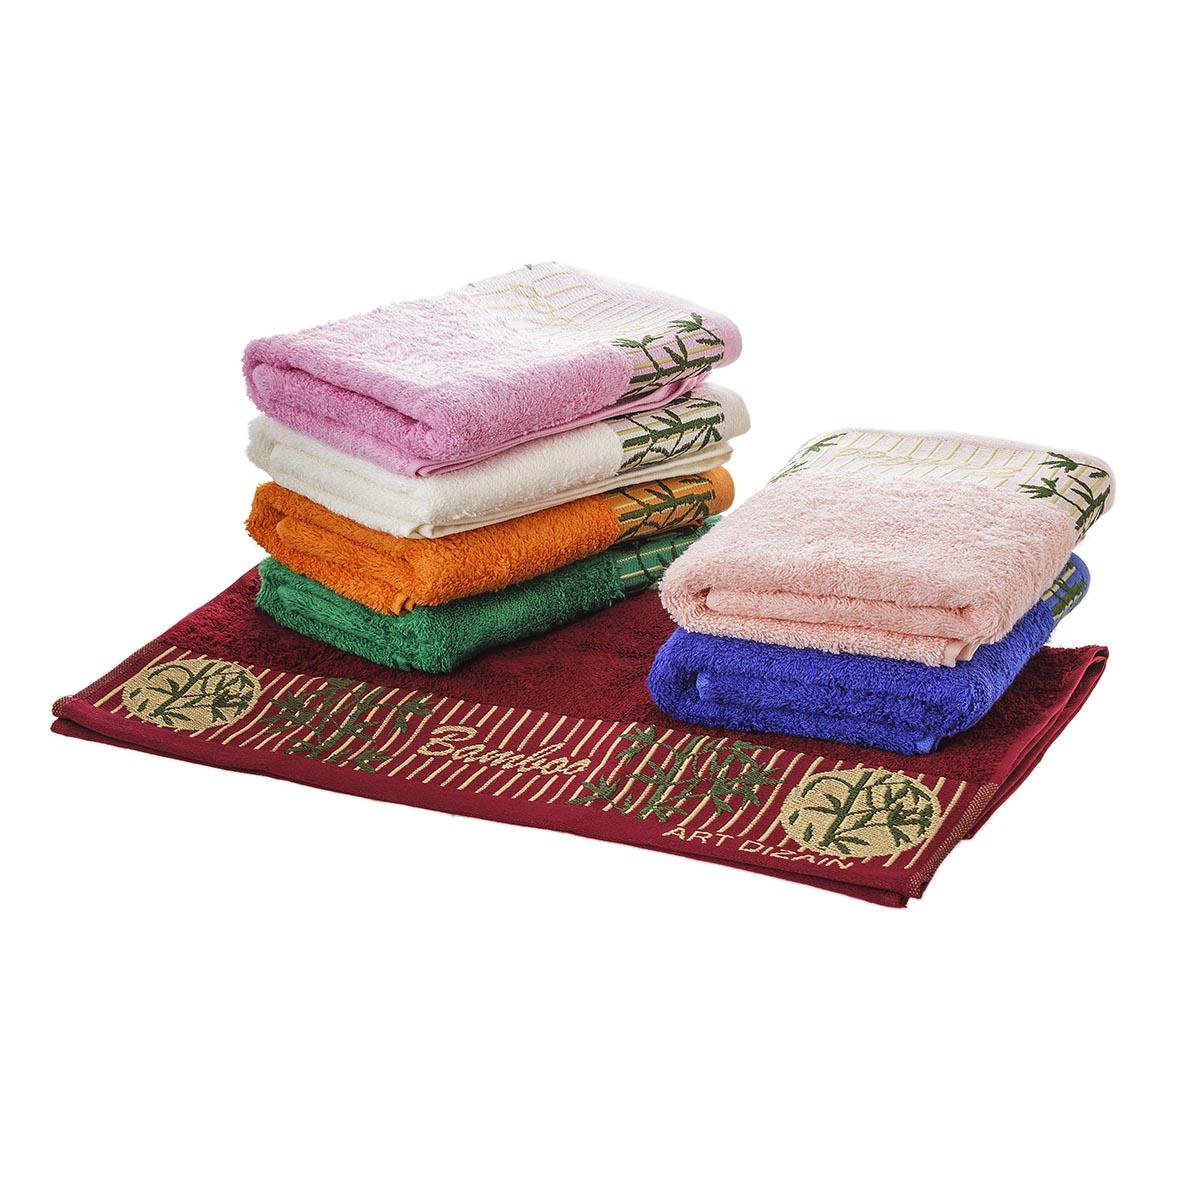 Набор полотенец Бамбук, цвет КремовыйМахровые полотенца<br>Плотность ткани:480 г/кв. м<br><br>Тип: Полотенце<br>Размер: -<br>Материал: Бамбук